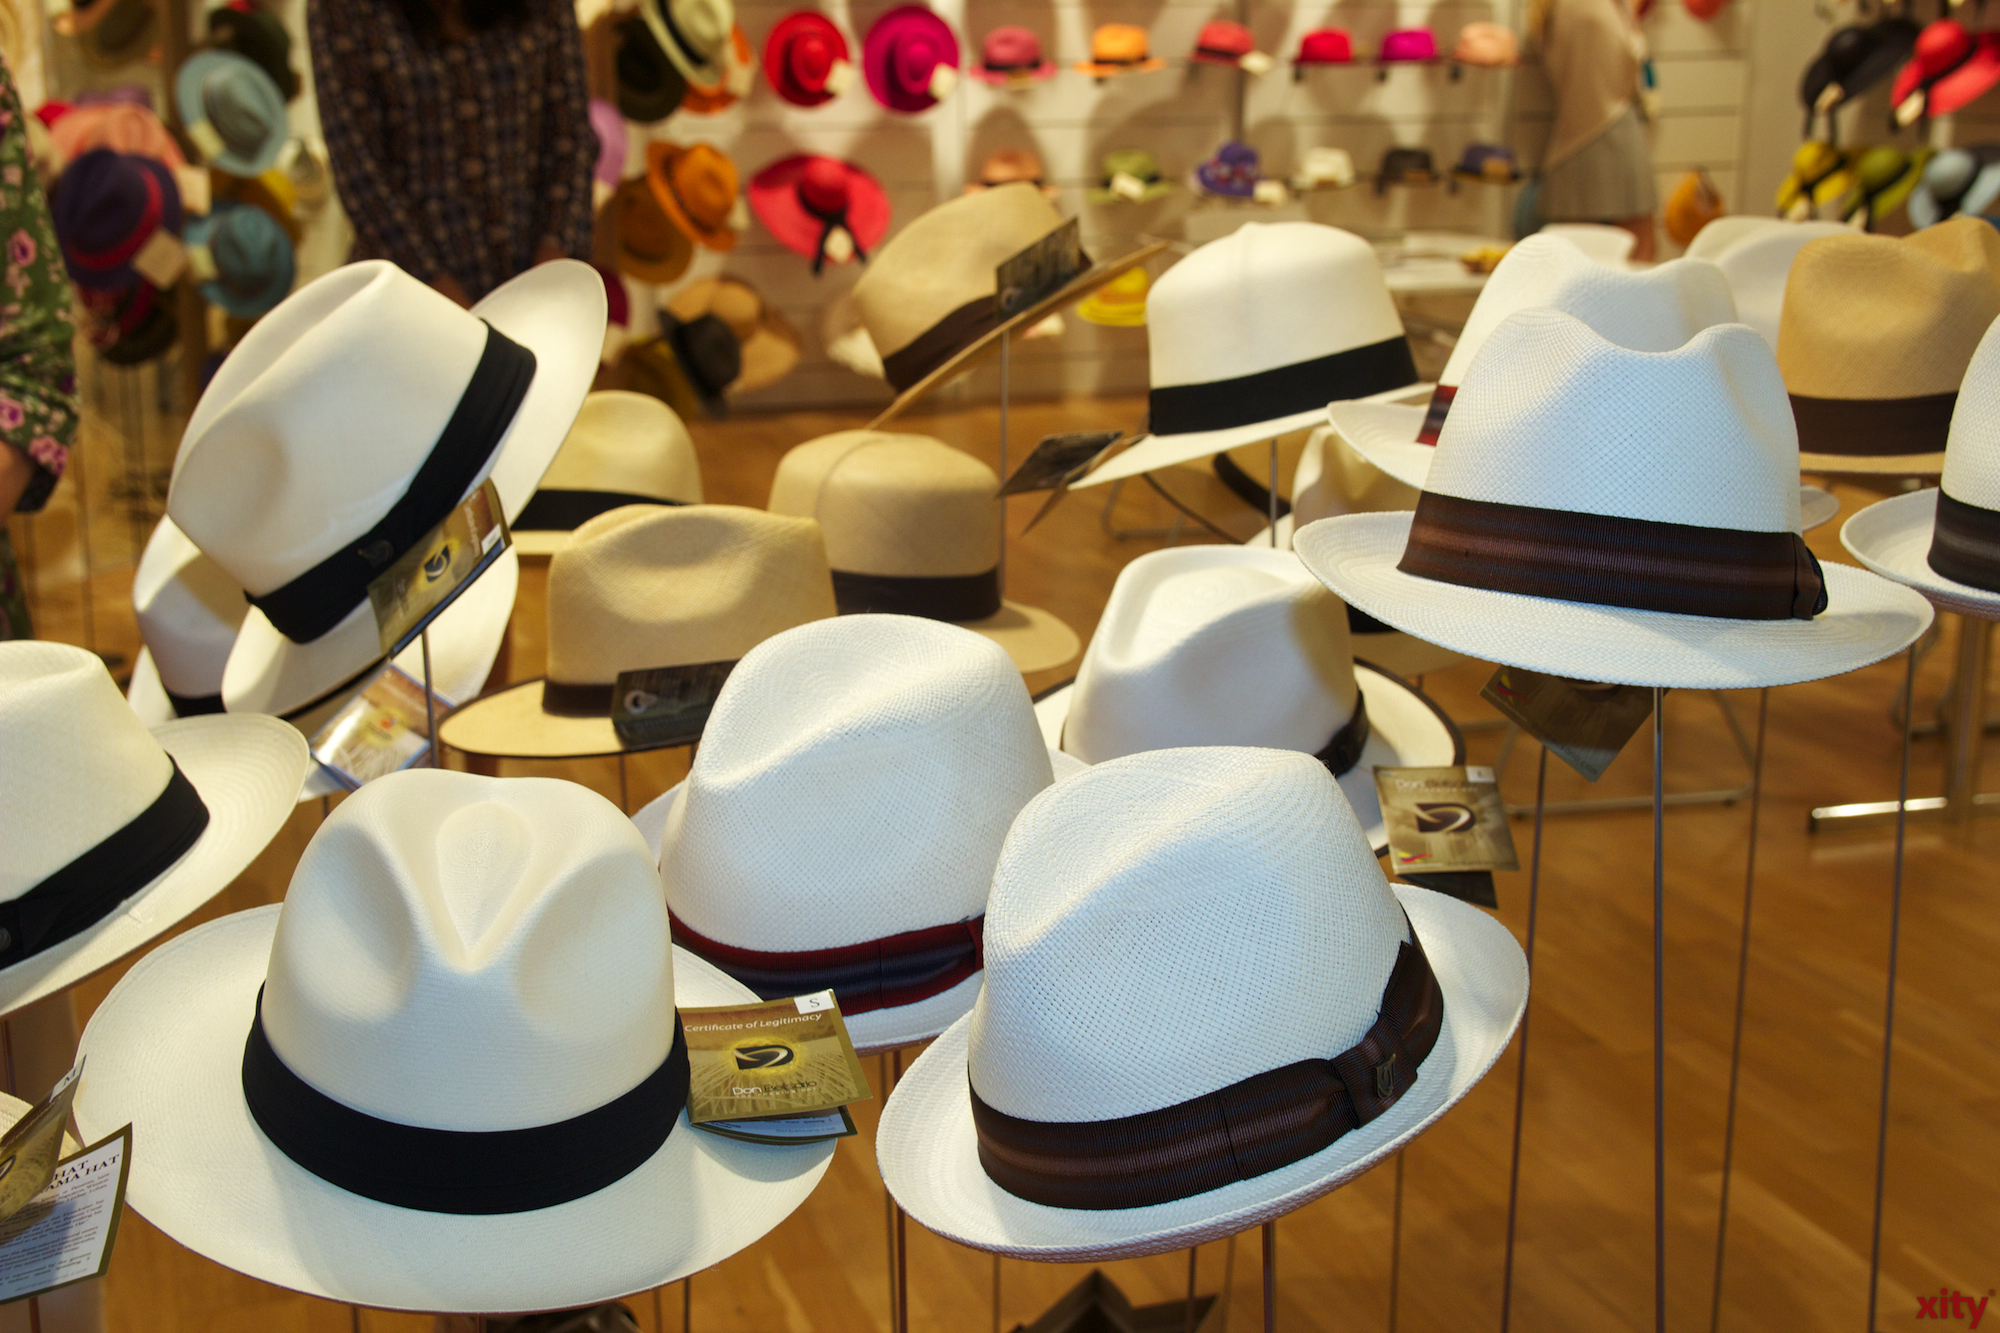 Hüte aus der ganzen Welt werden gezeigt(Foto: xity)